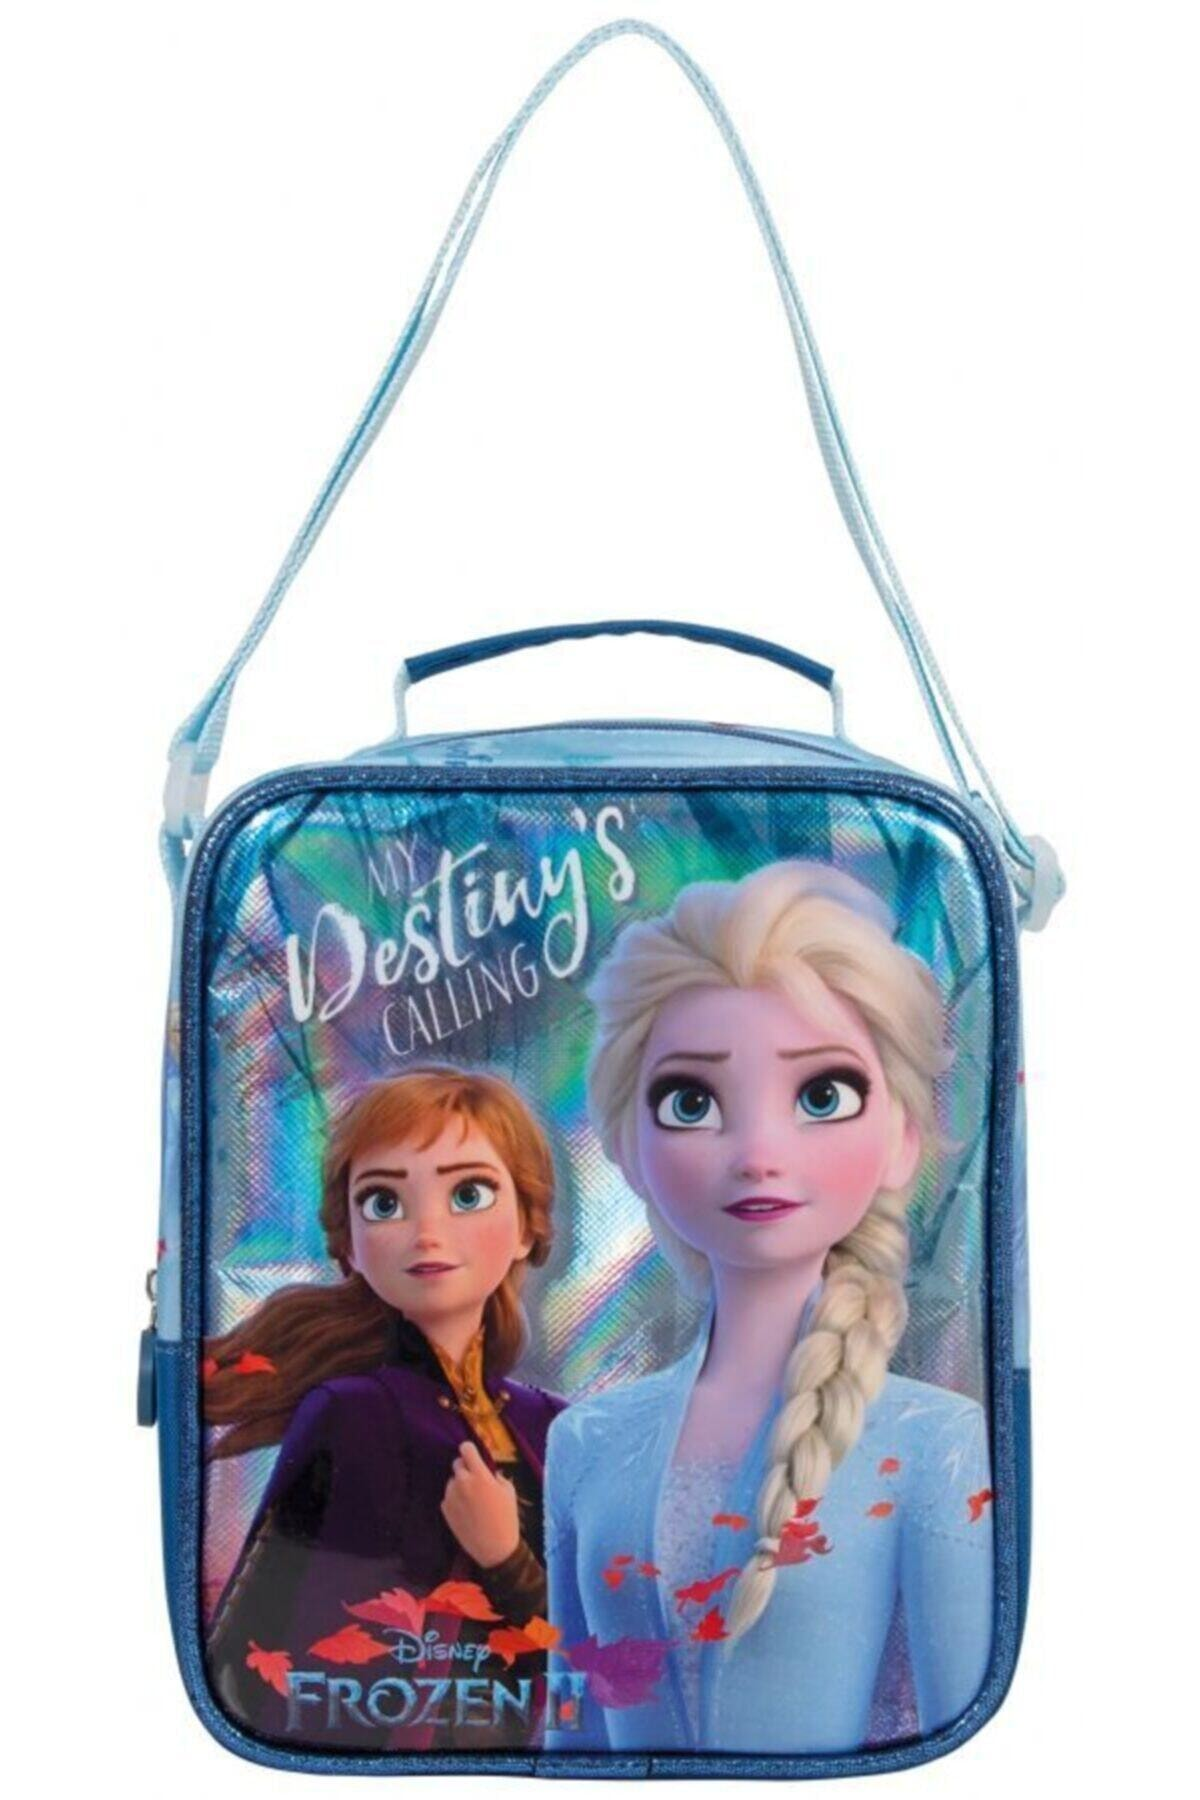 Frocx Kız Çocuk Frozen Anna Ve Elsa Desenli Parlak Lüks Beslenme Çantası 1